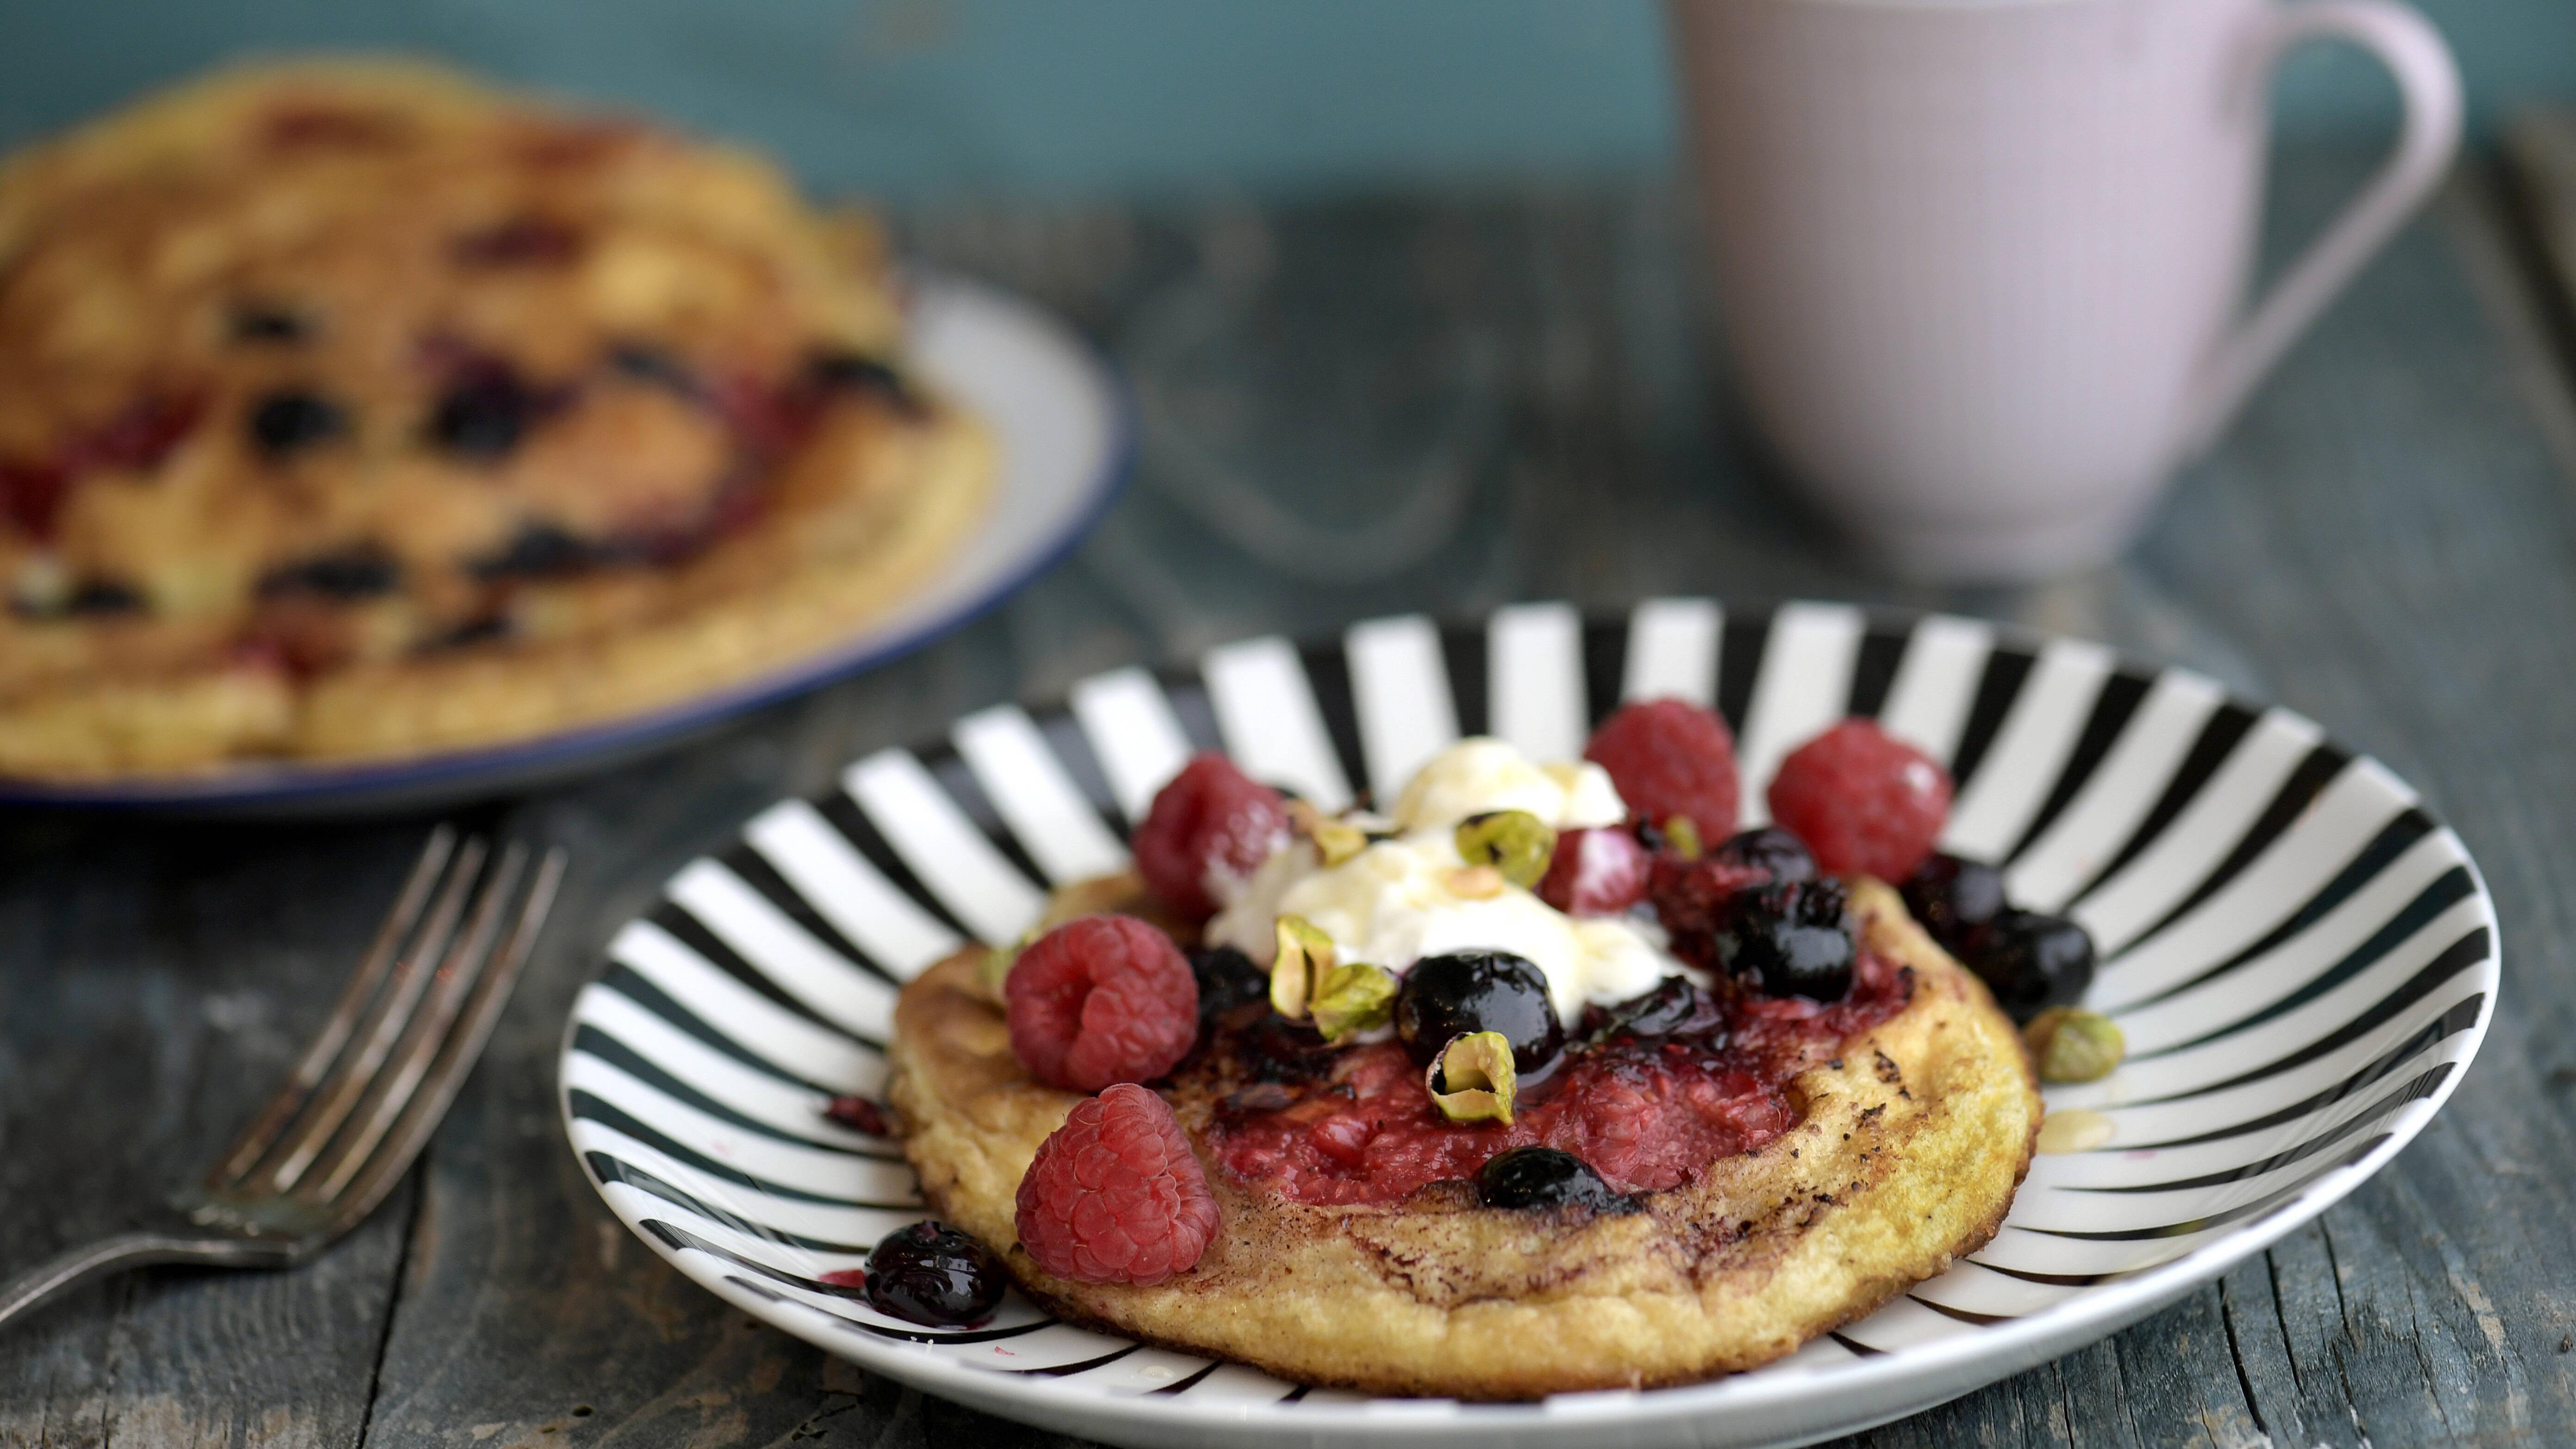 Das süße Frühstück ganz ohne schlechtes Gewissen.